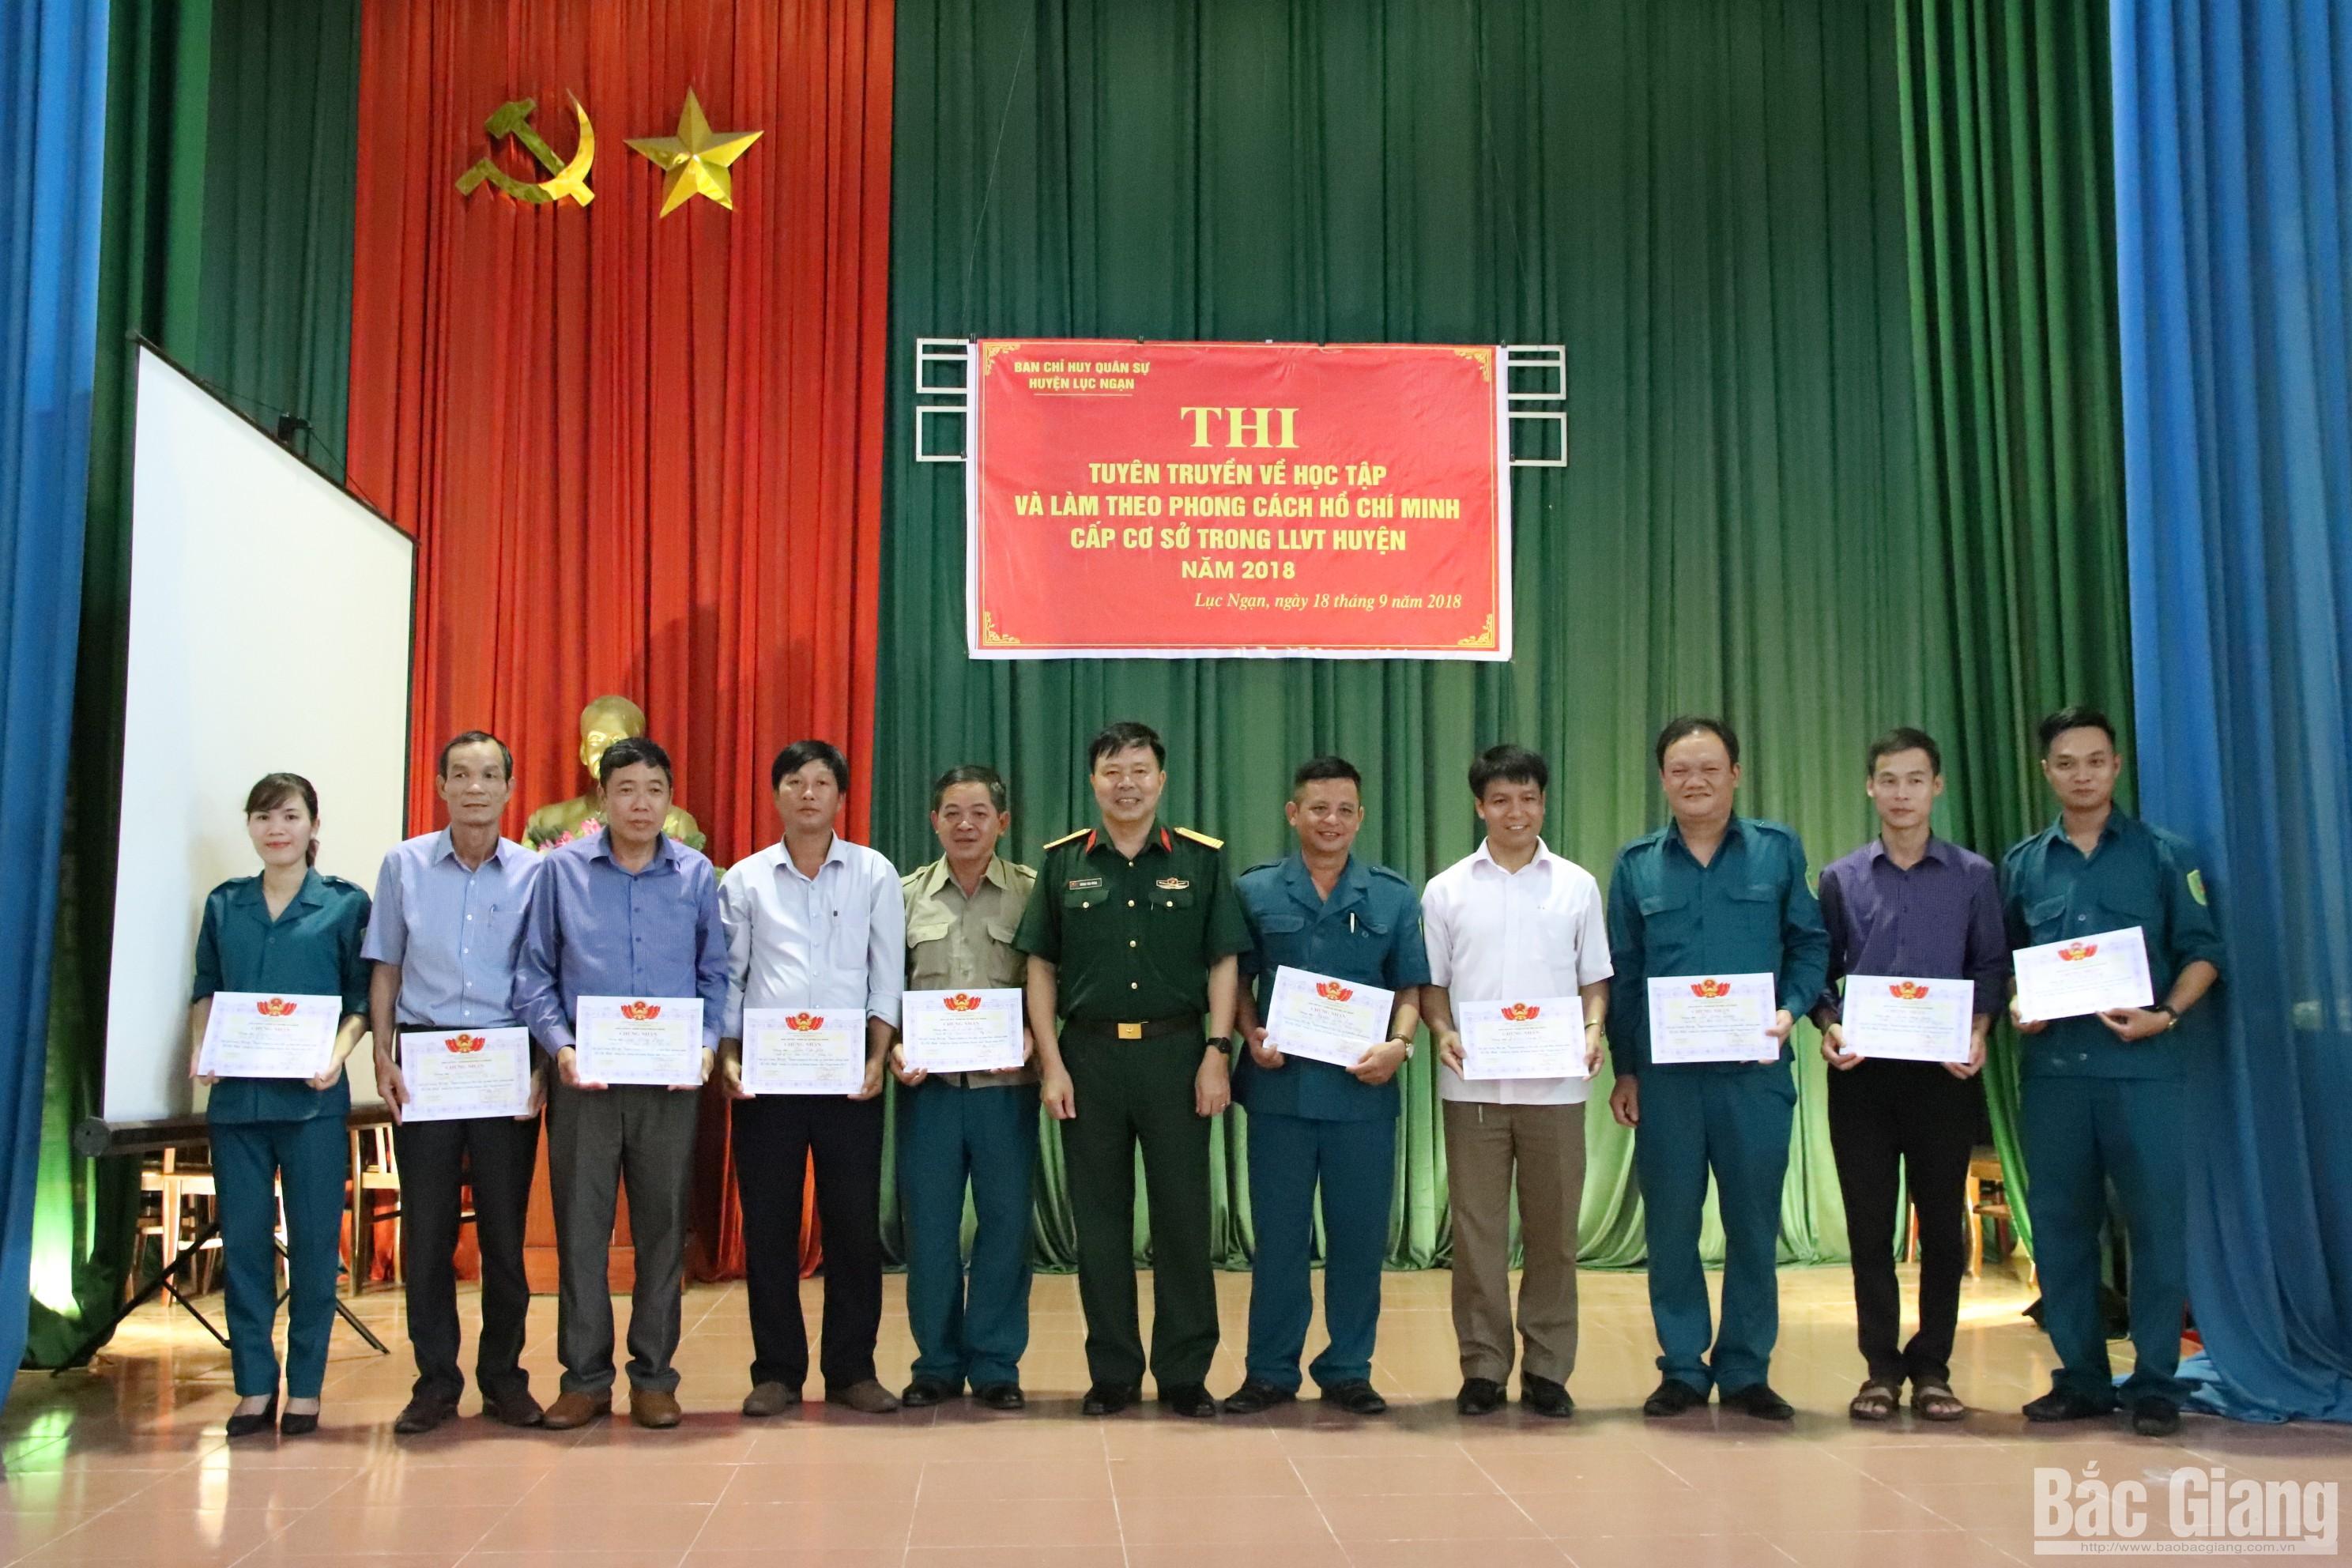 Thi tuyên truyền về học tập và làm theo phong cách Hồ Chí Minh